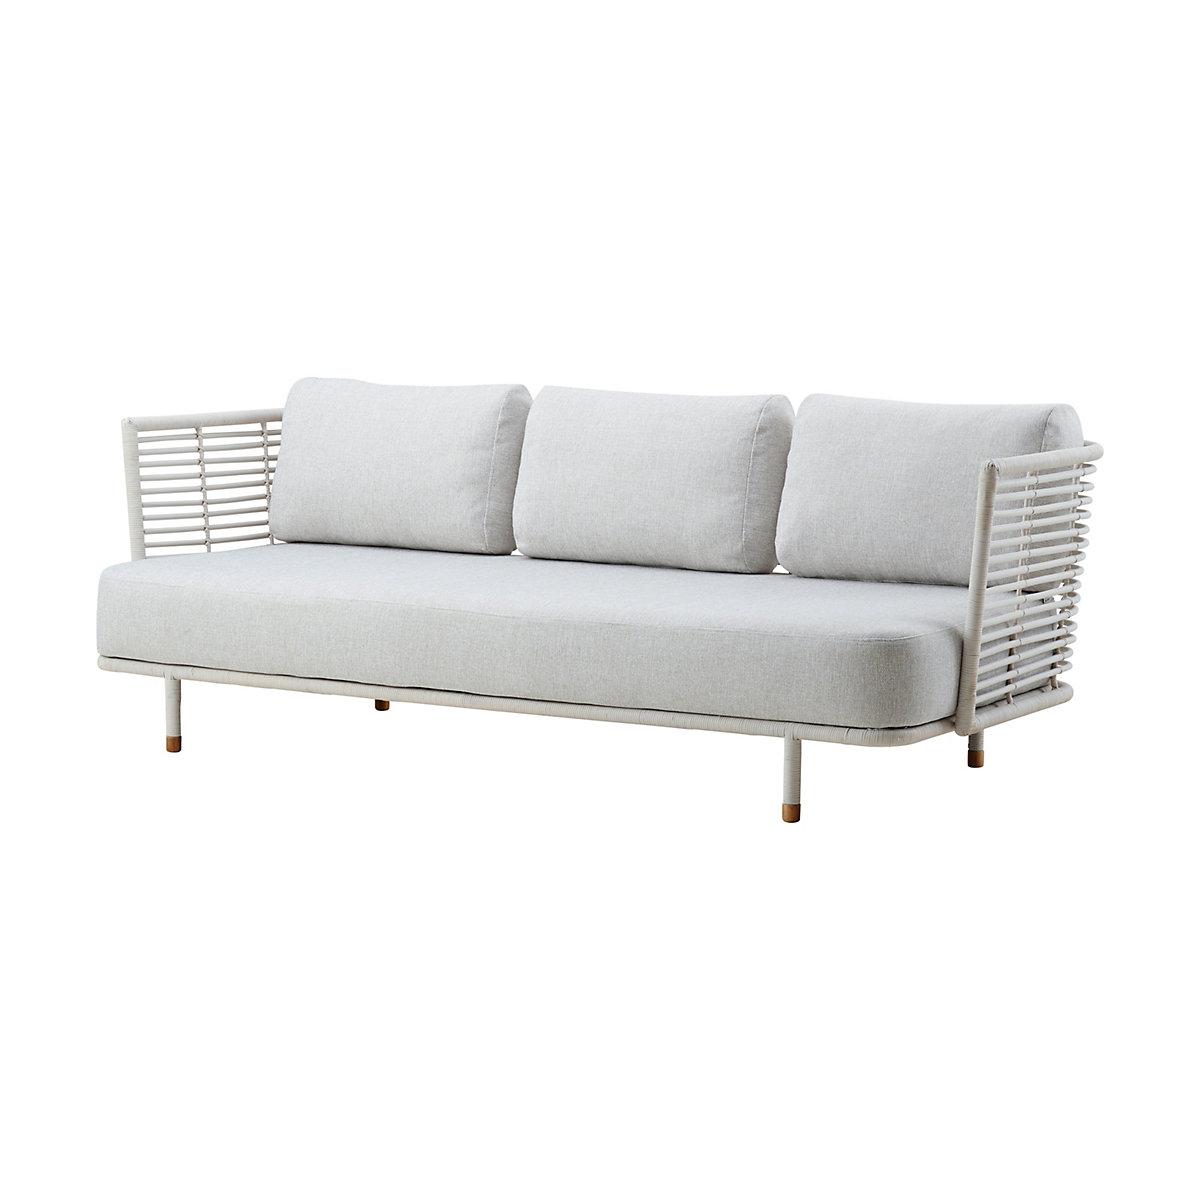 White Grey Sense 3 Seater Sofa